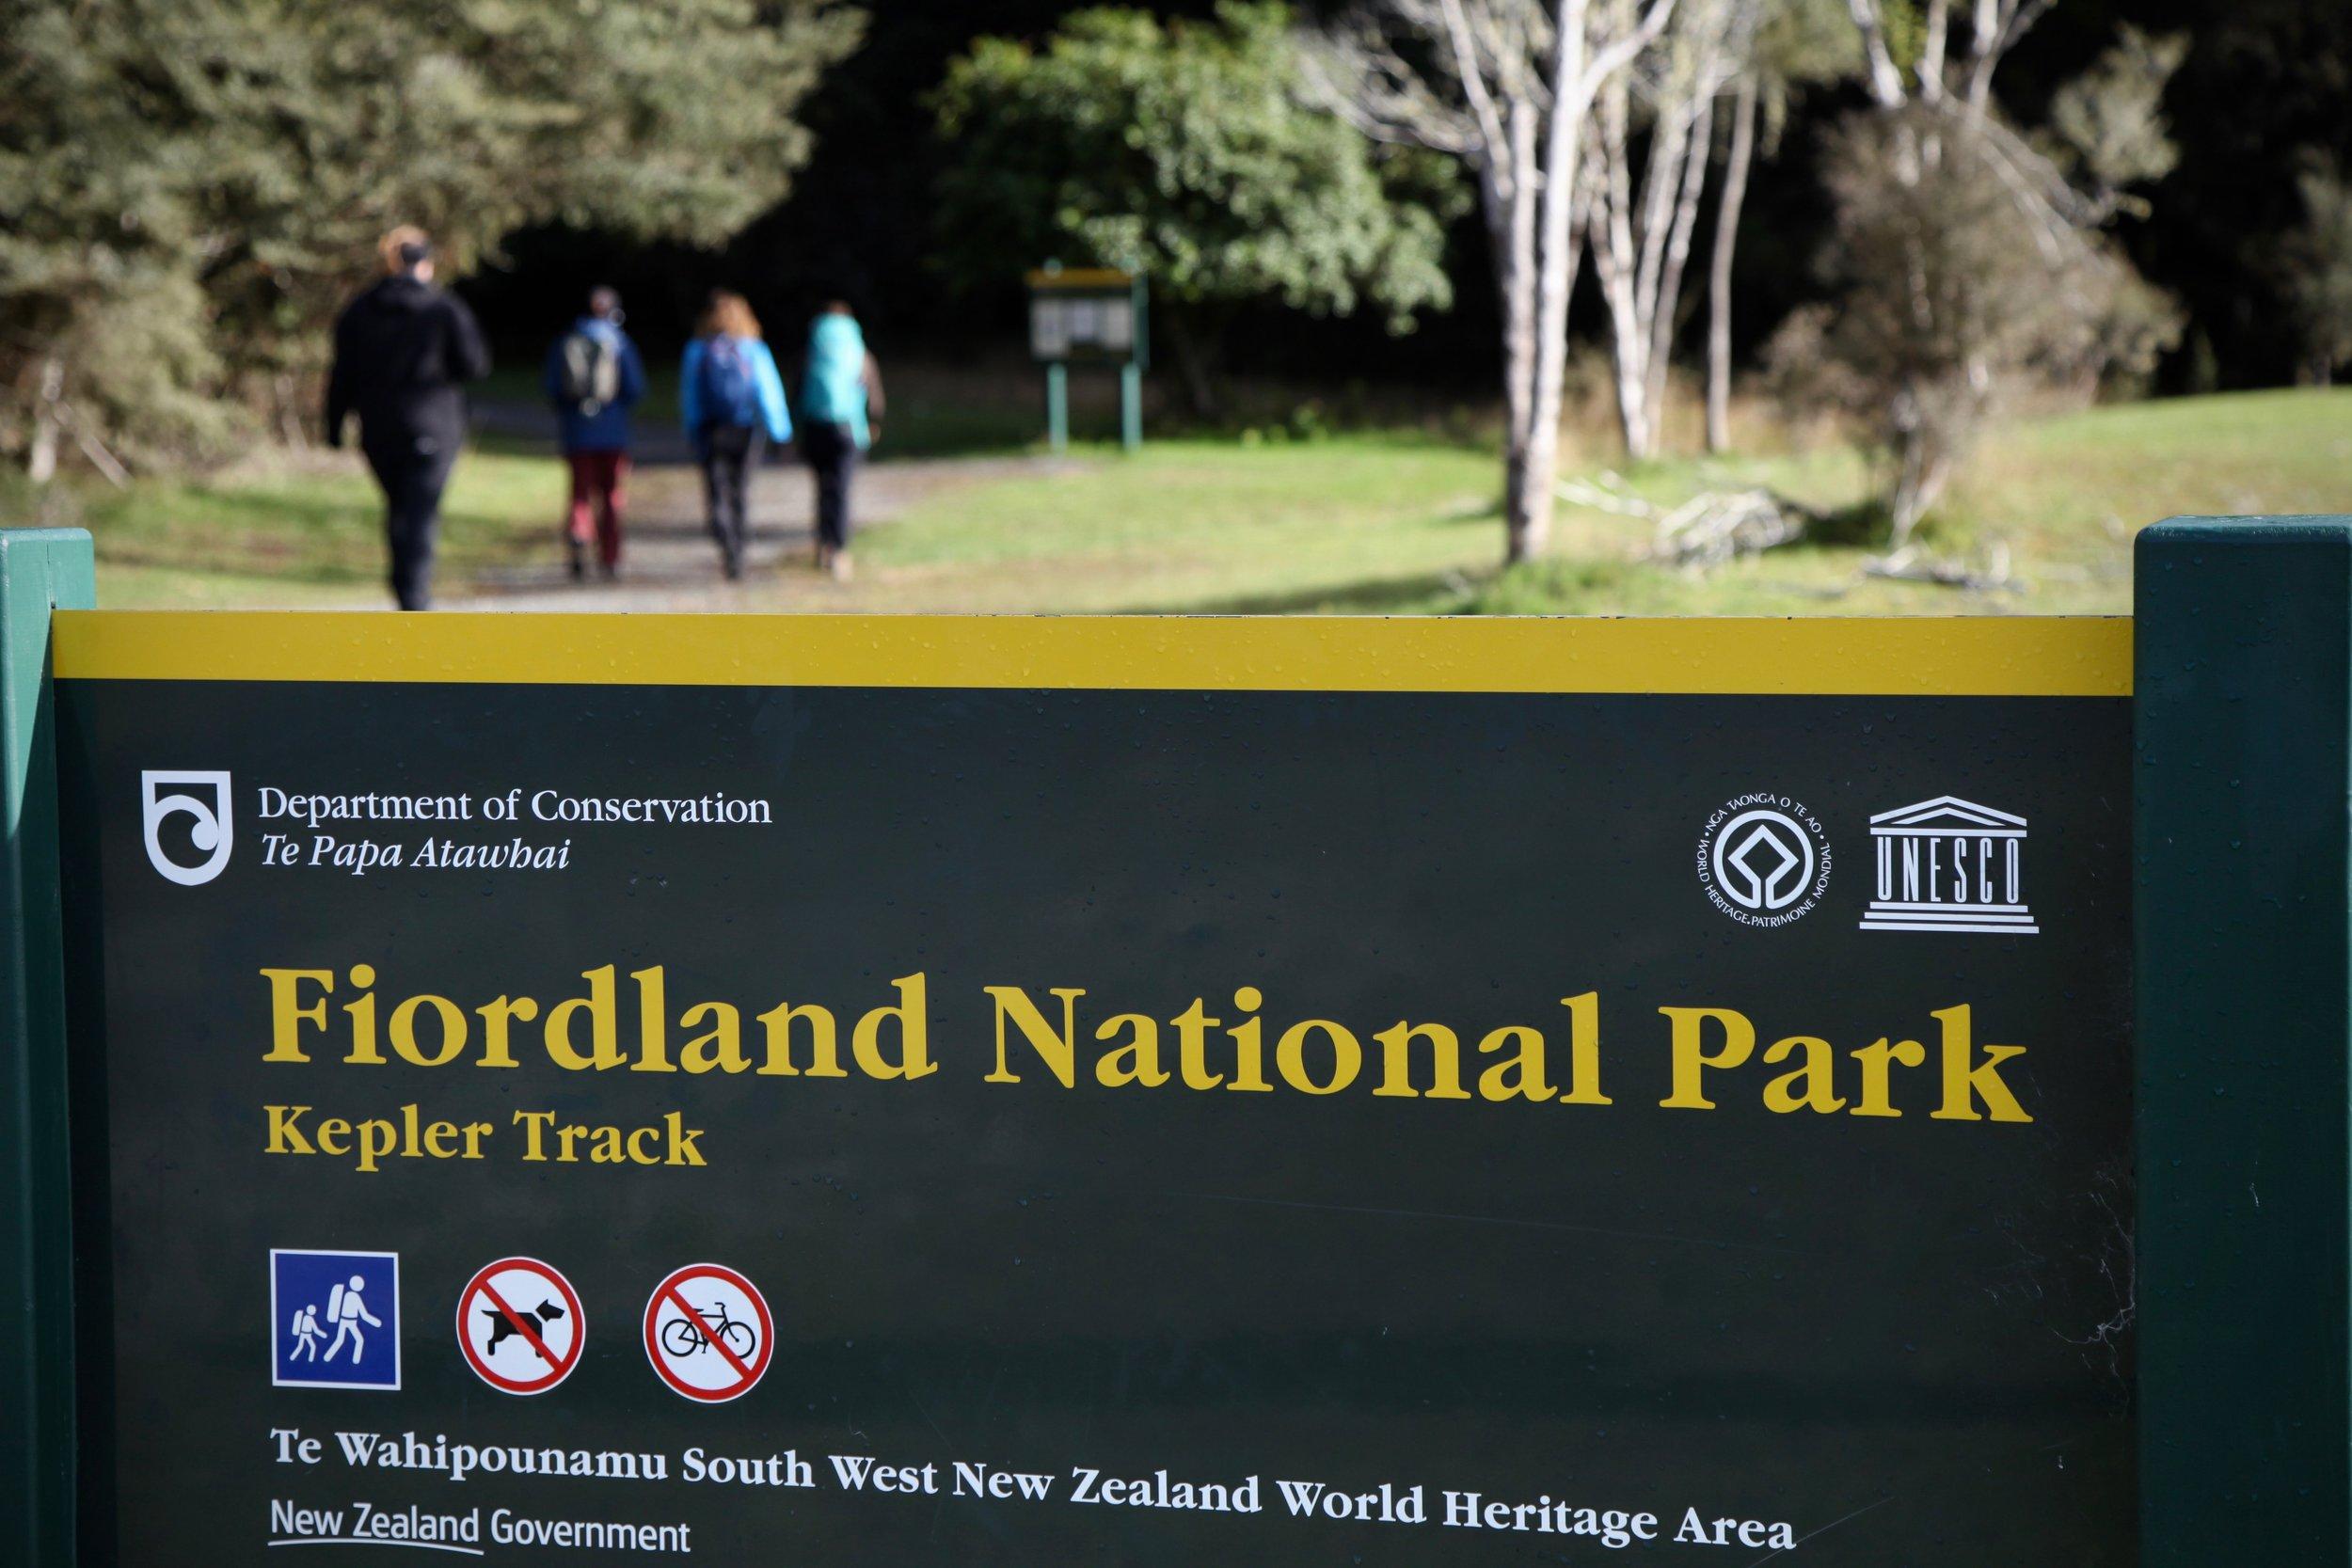 fiordland-national-park-kepler-track.jpg